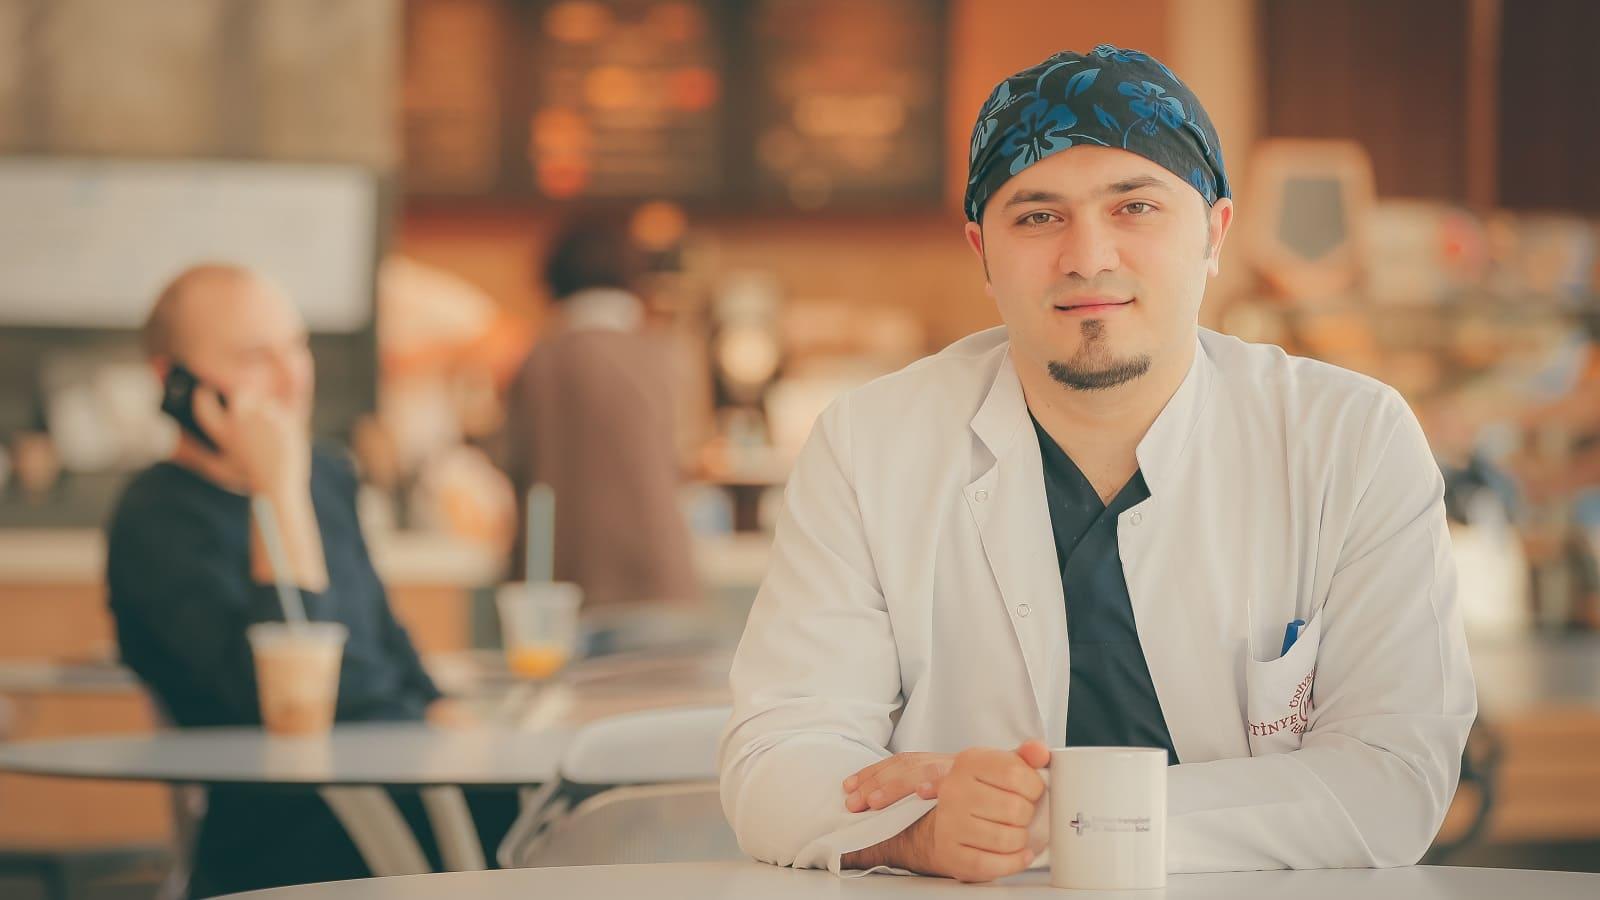 Haartransplantation in der Türkei bester Arzt Dr. Balwi